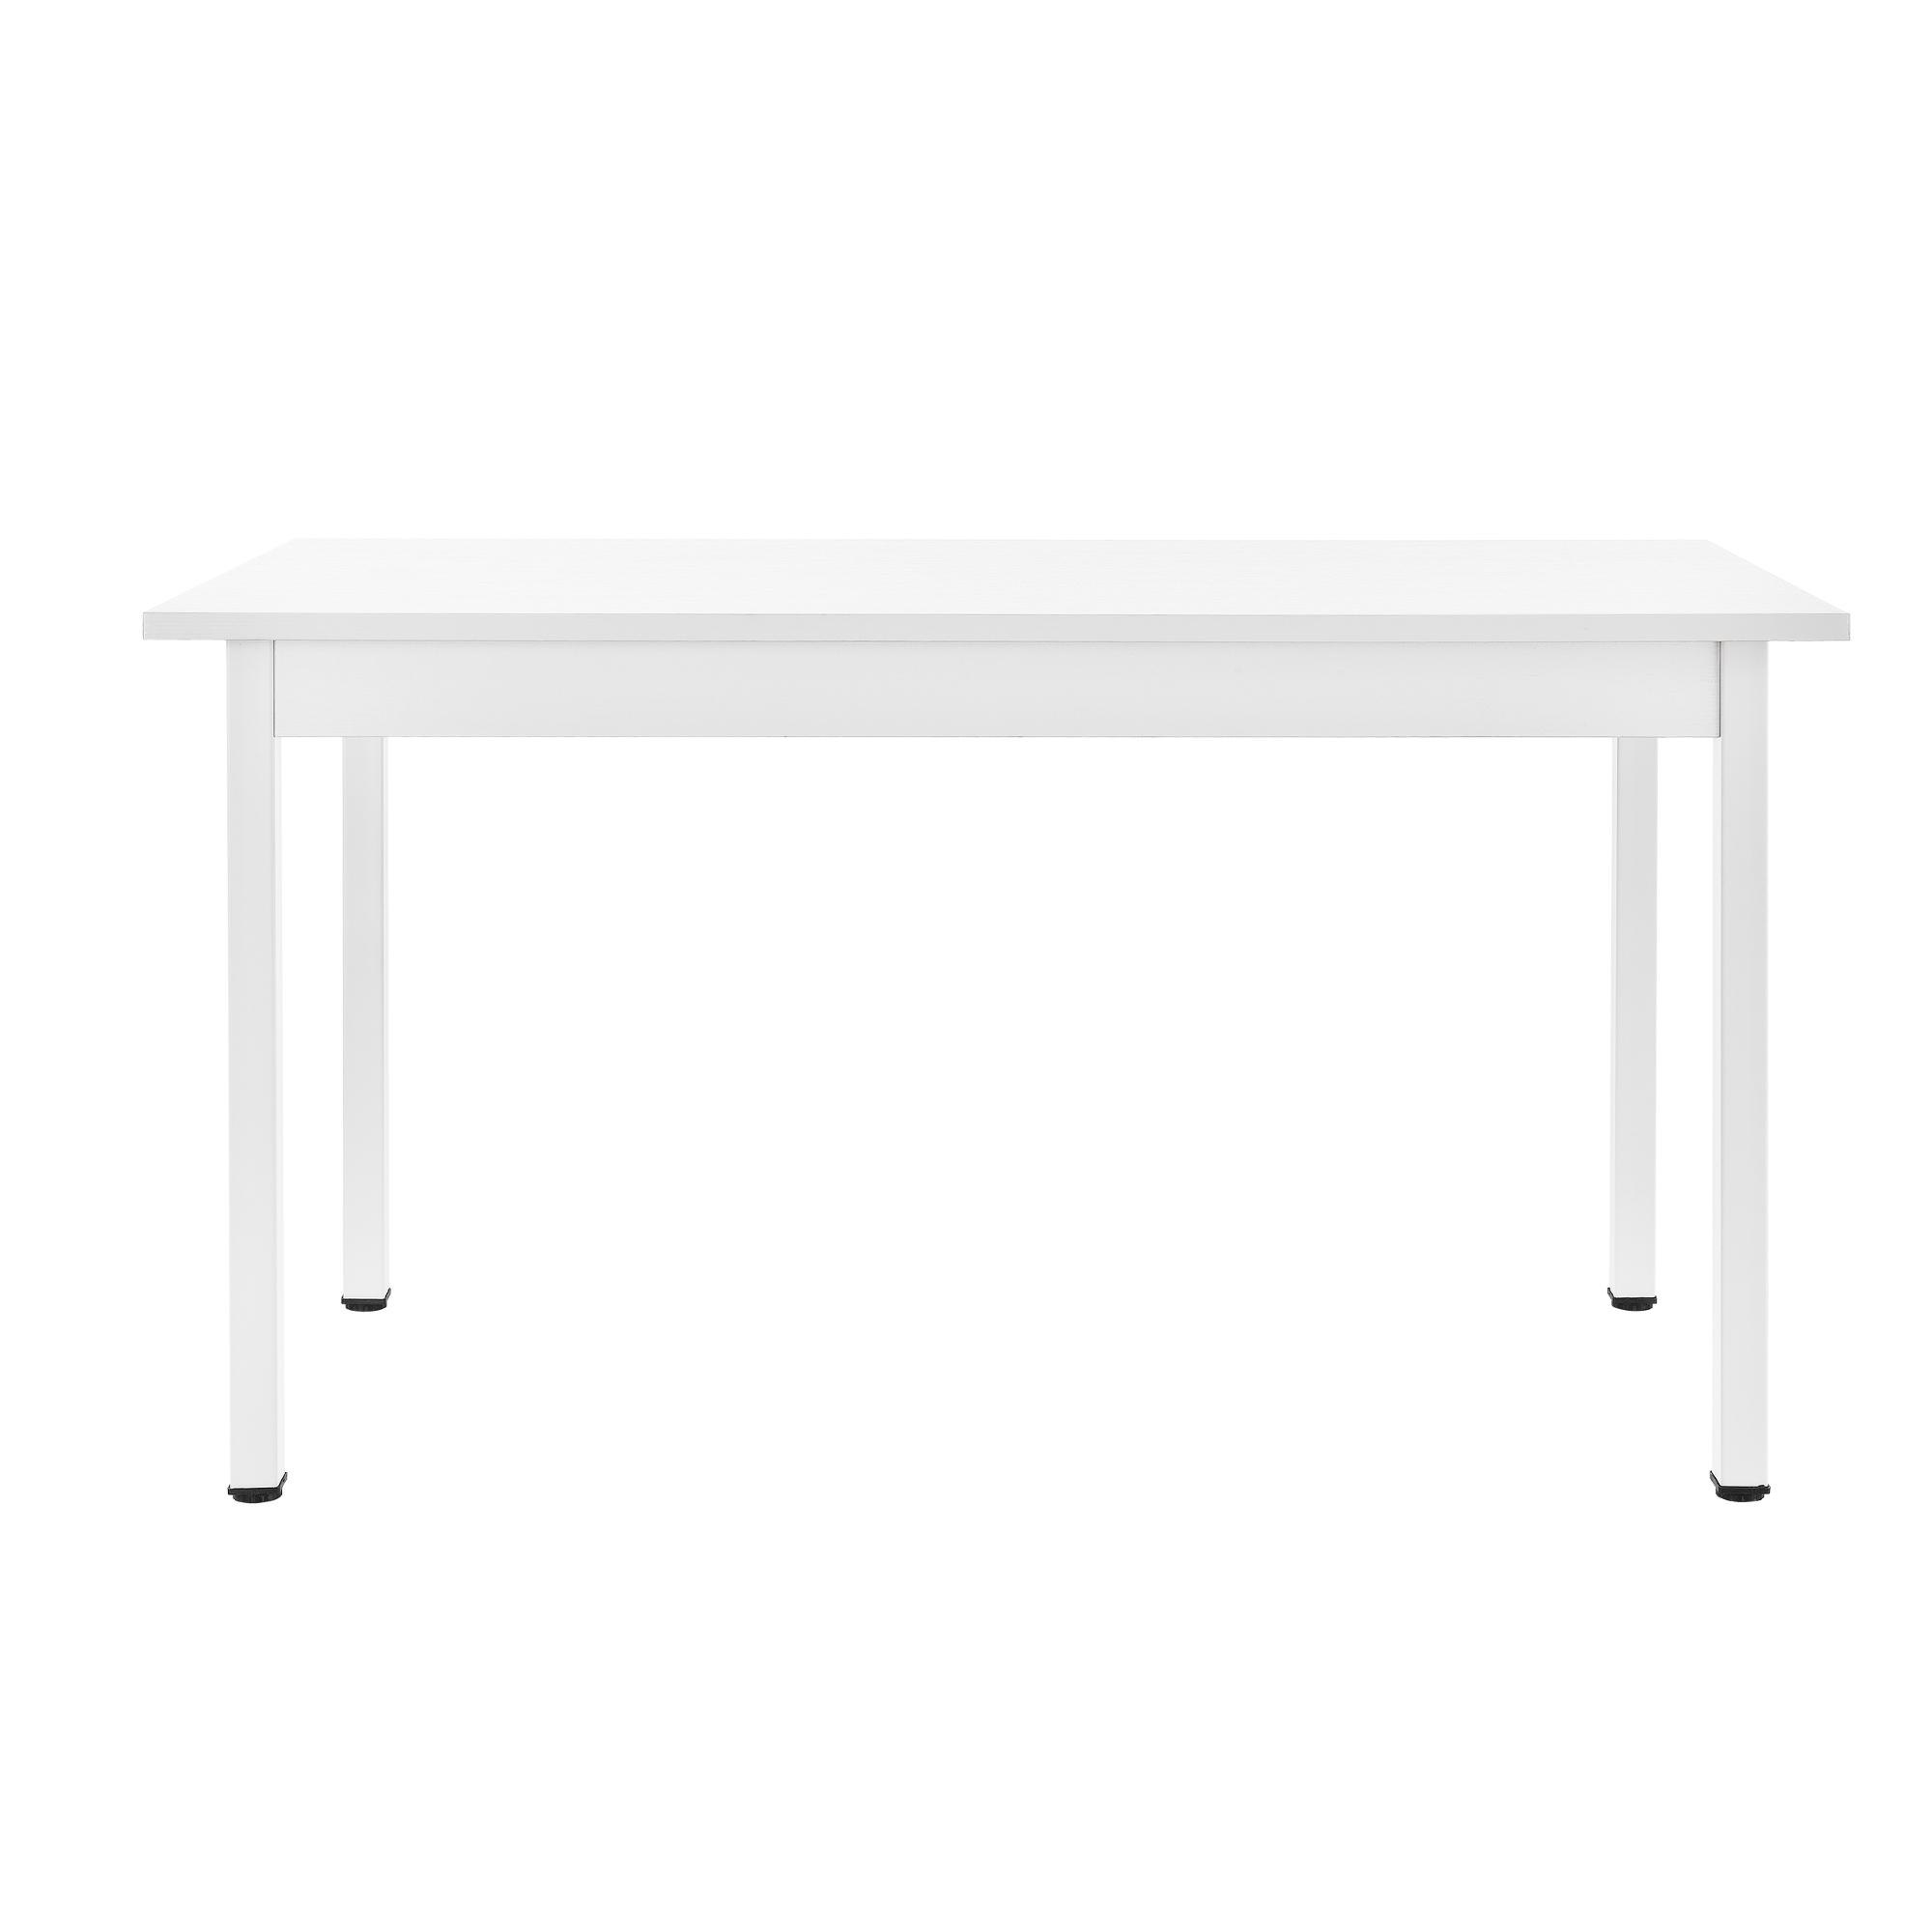 Tavolo da pranzo 6 sedie biance 140x60cm sedie con maniglia cucina ebay - Tavolo pieghevole con maniglia ...